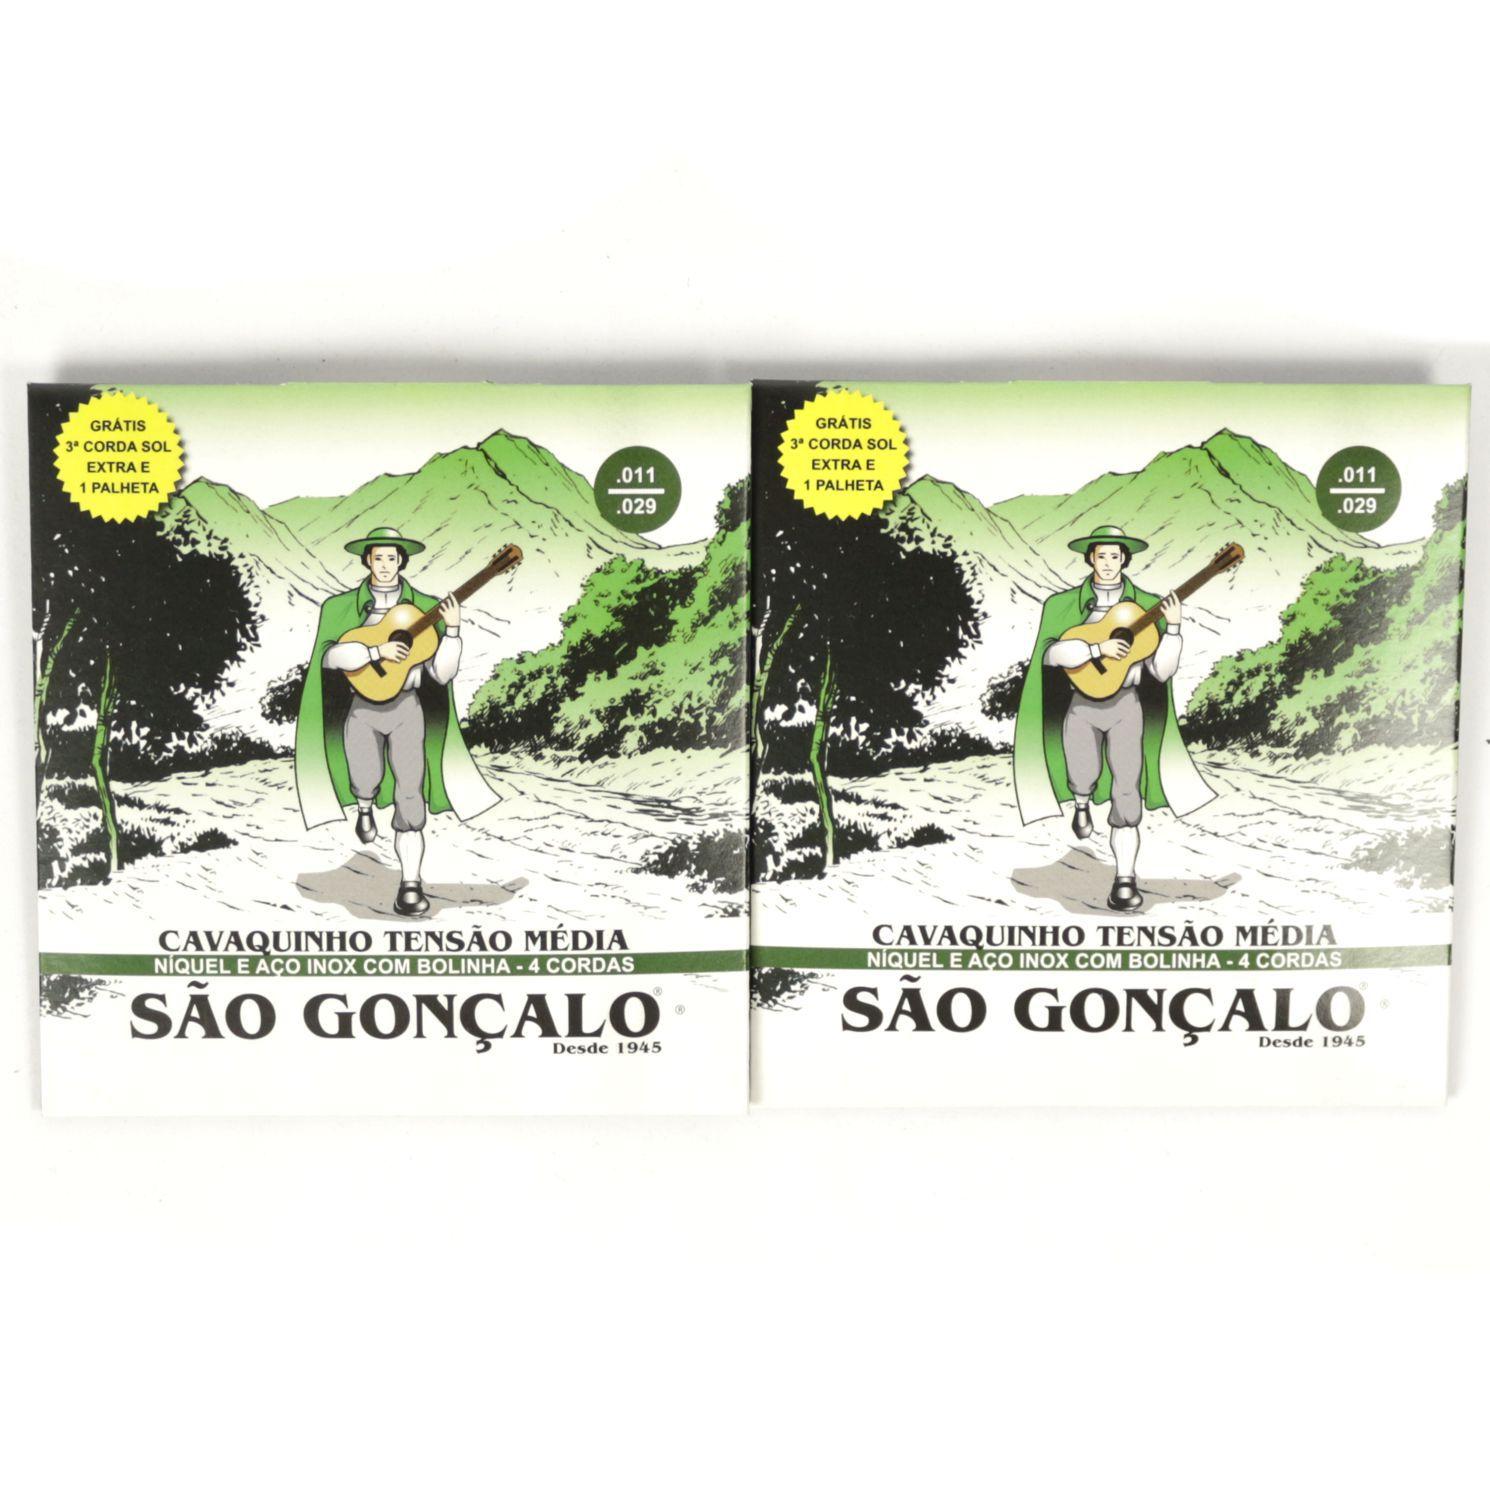 Encordoamento para Cavaquinho São Gonçalo IZ 0131 com SOL EXTRA e Palheta - 02 Unidades